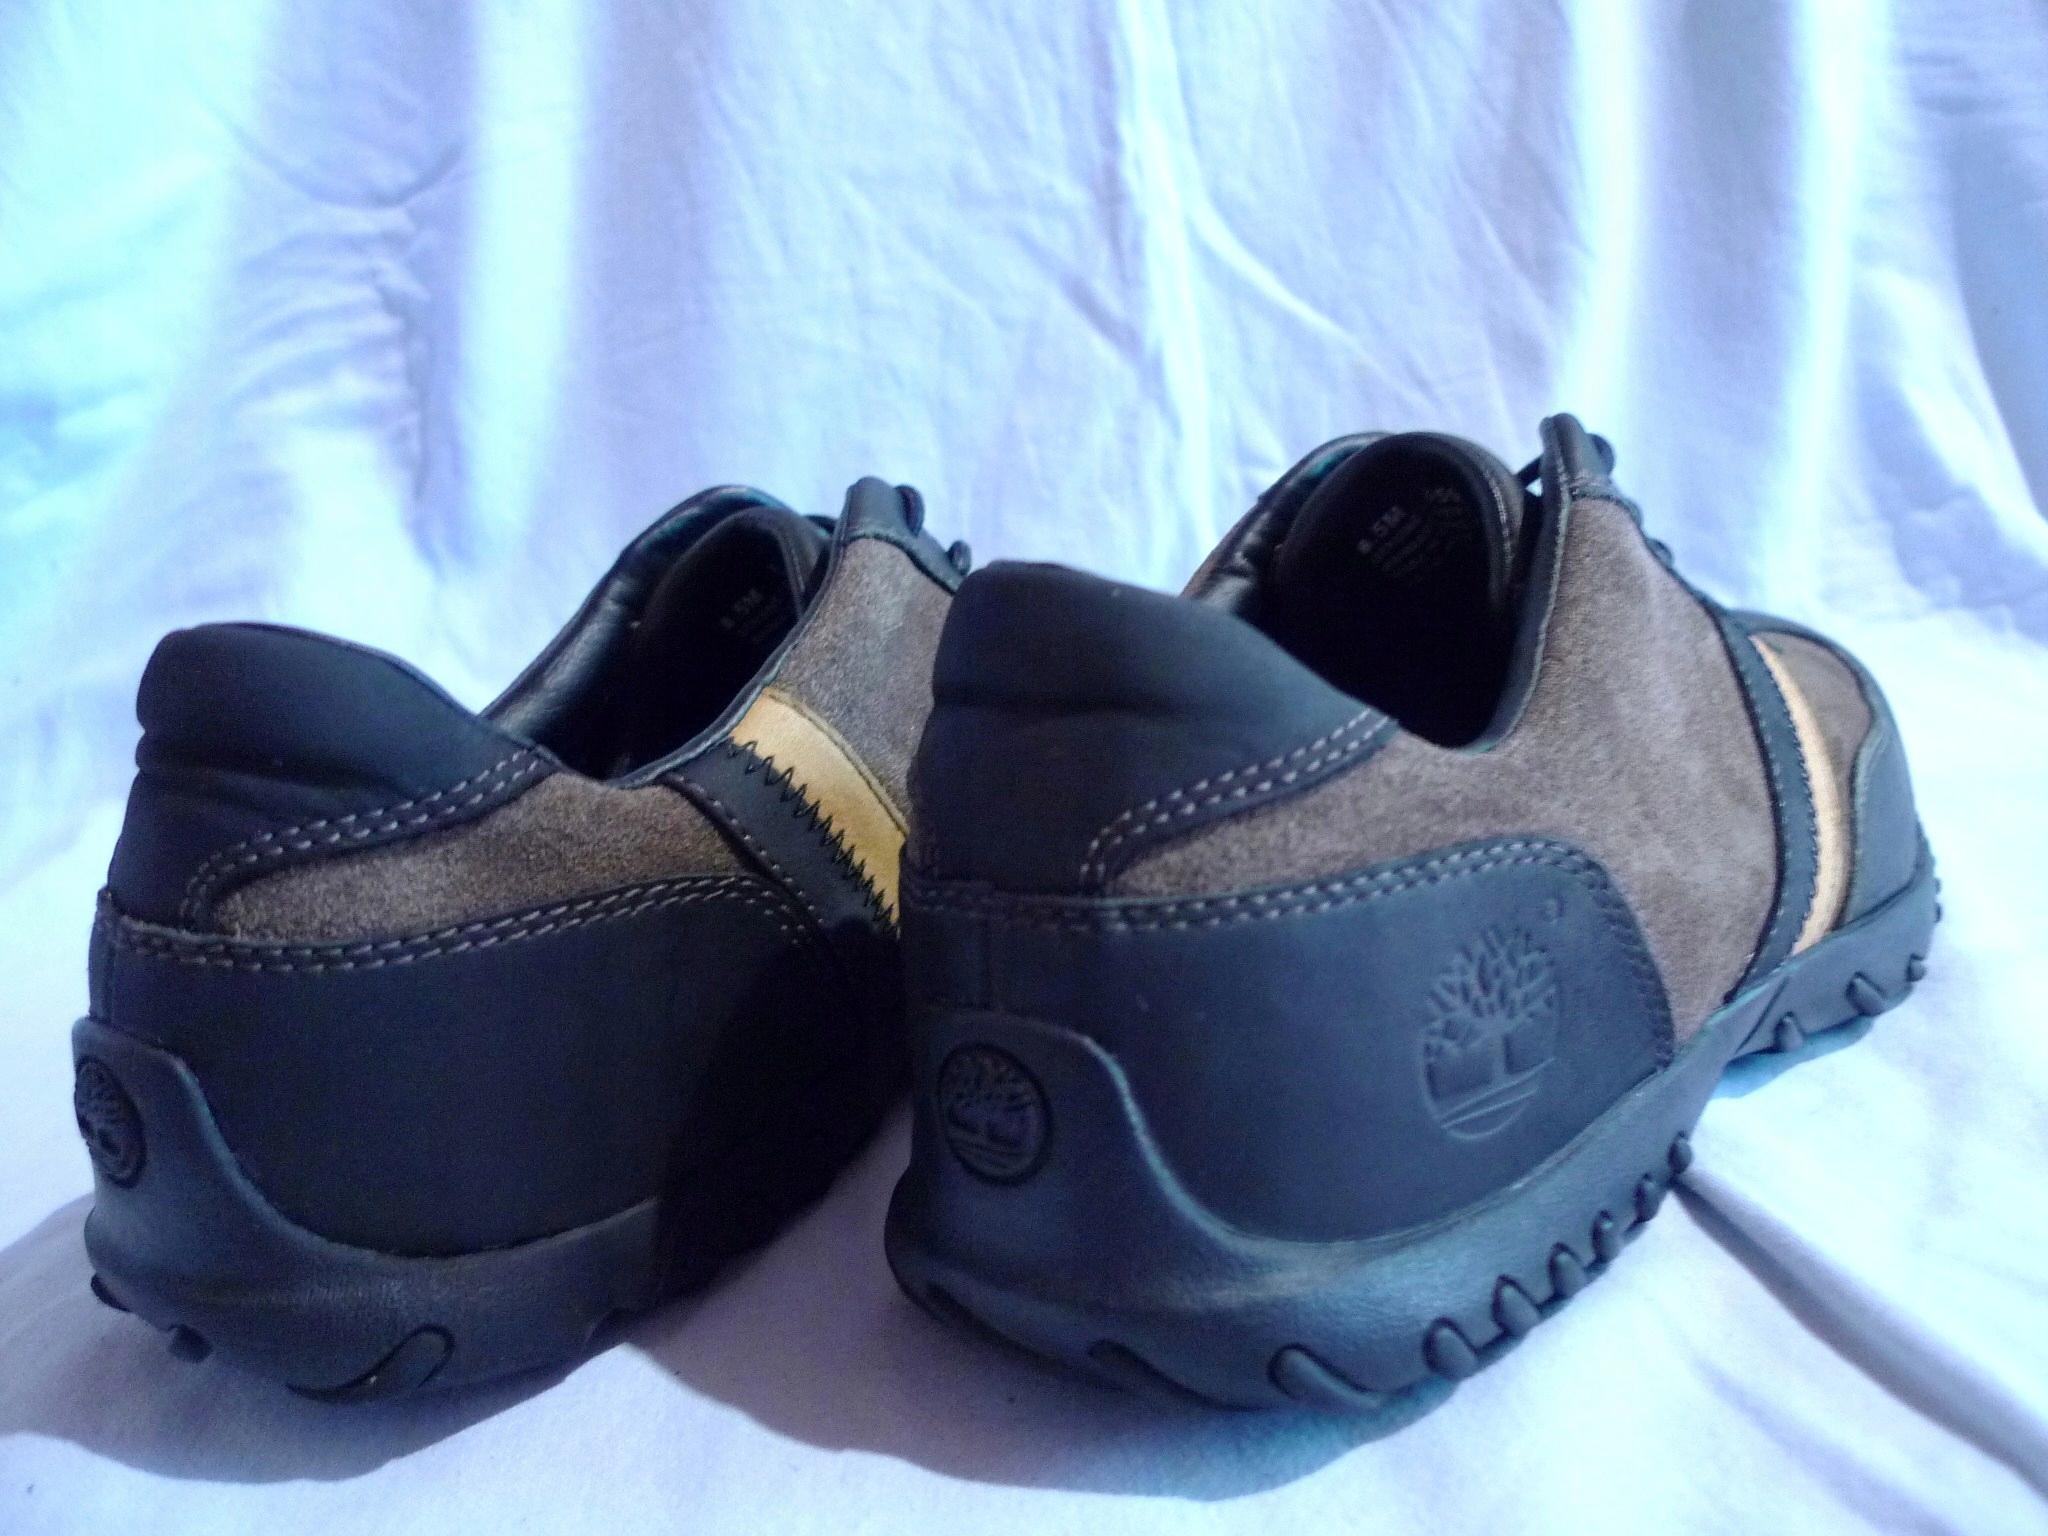 Buty skórzane ADIDAS GoodYear r.38 23, wkł.24,5cm